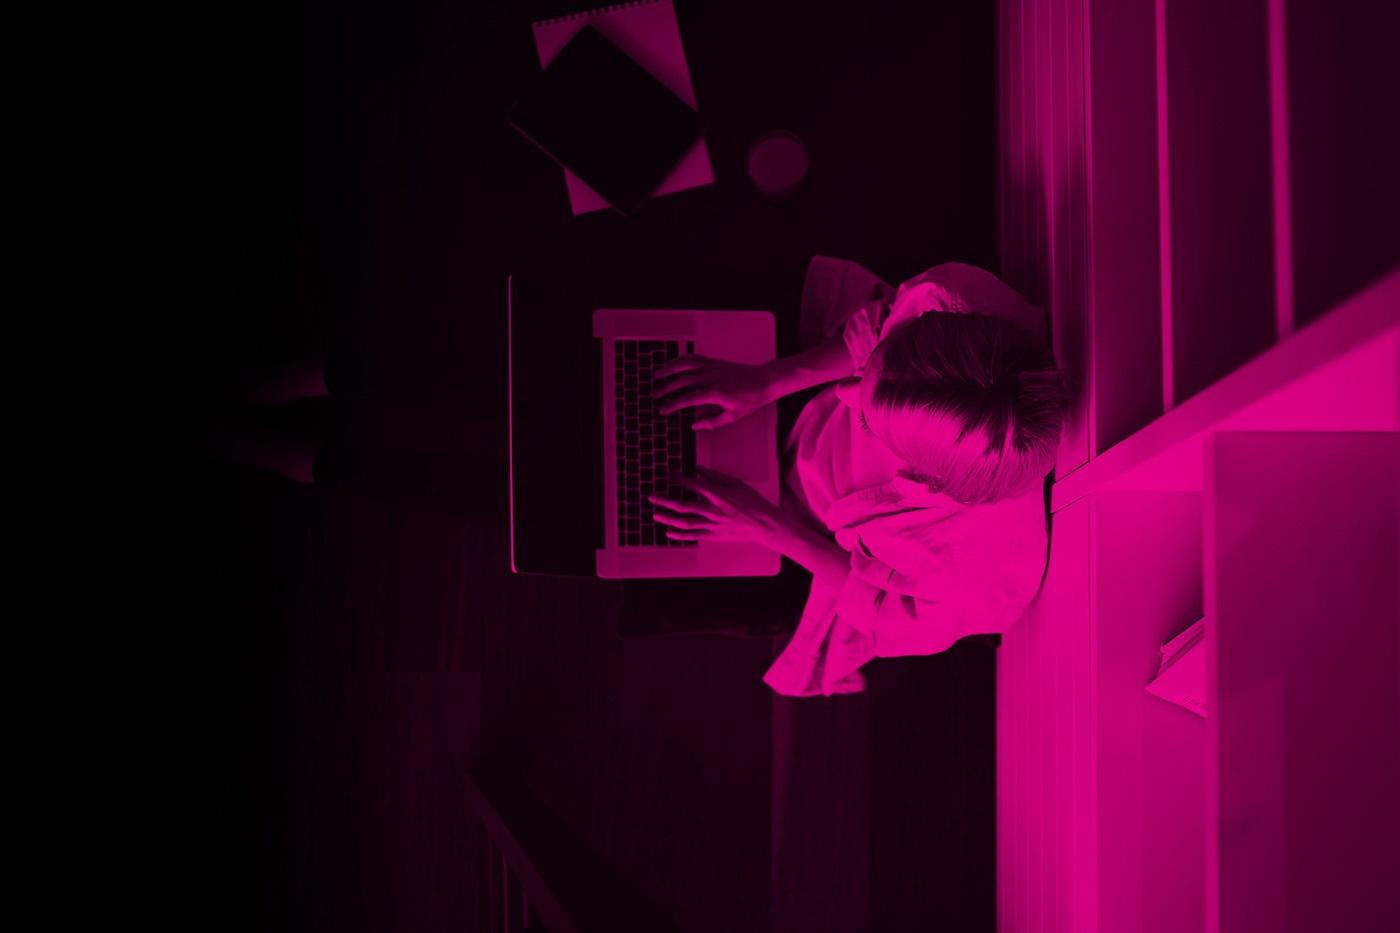 Woman_Sitting_Laptop_in Lap_Pink.jpg